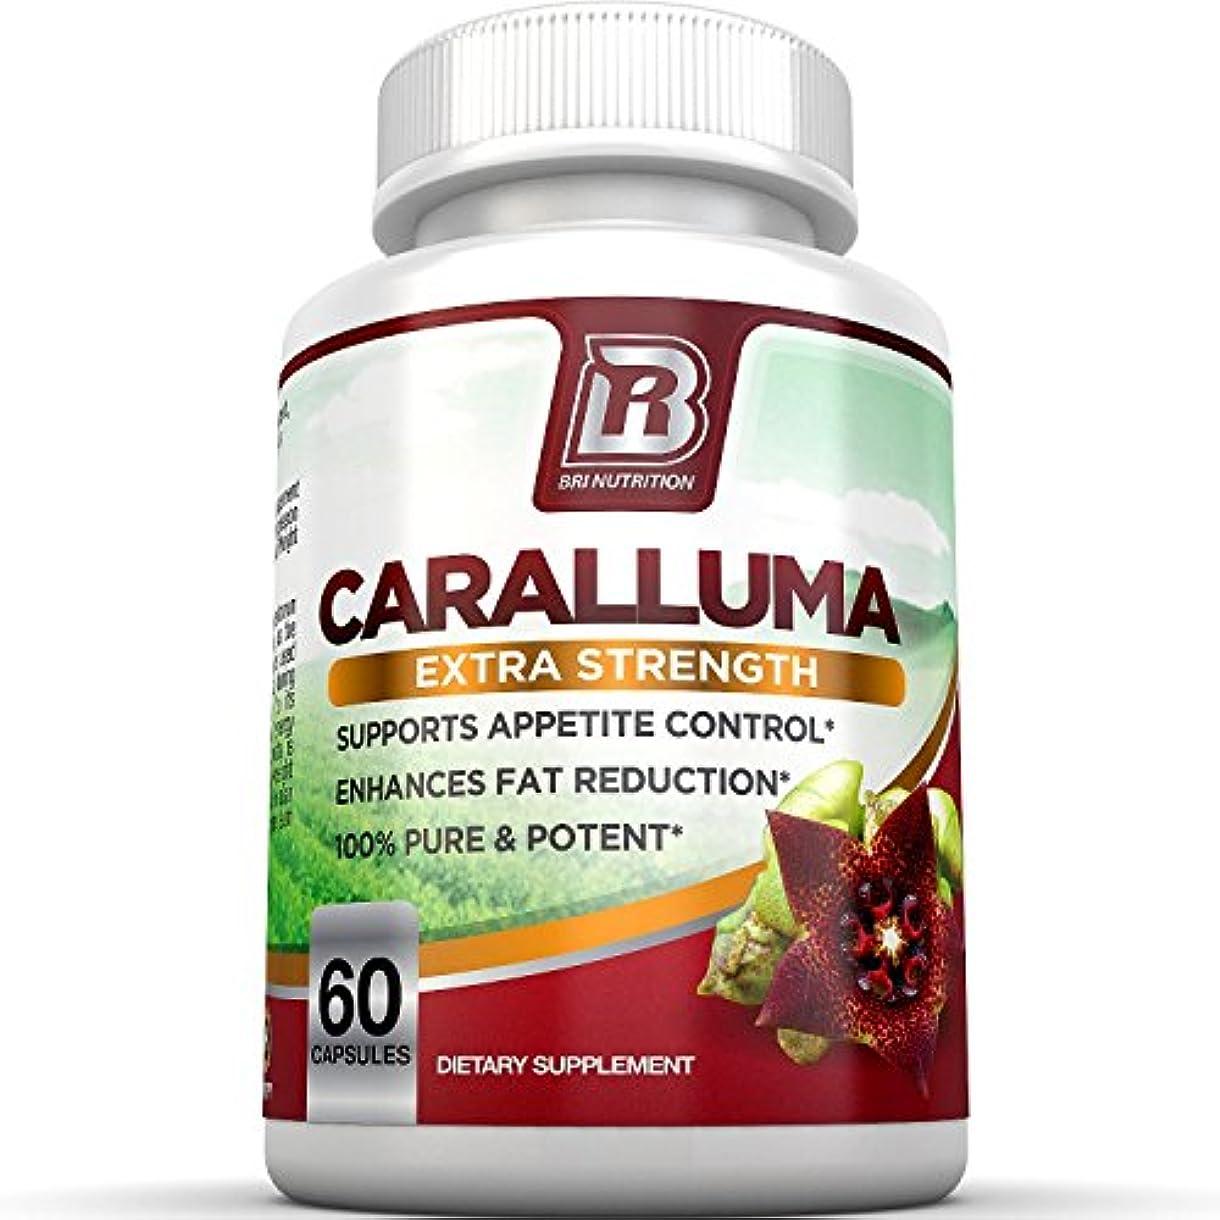 香水サスティーン柔らかい足BRI栄養カラルマFimbriata - 20 : 1エキス最大耐力?サプリメント - 30日サプライ60ctベジカプセル - ピュアインドカラルマFimbriataから作りました BRI Nutrition Caralluma...